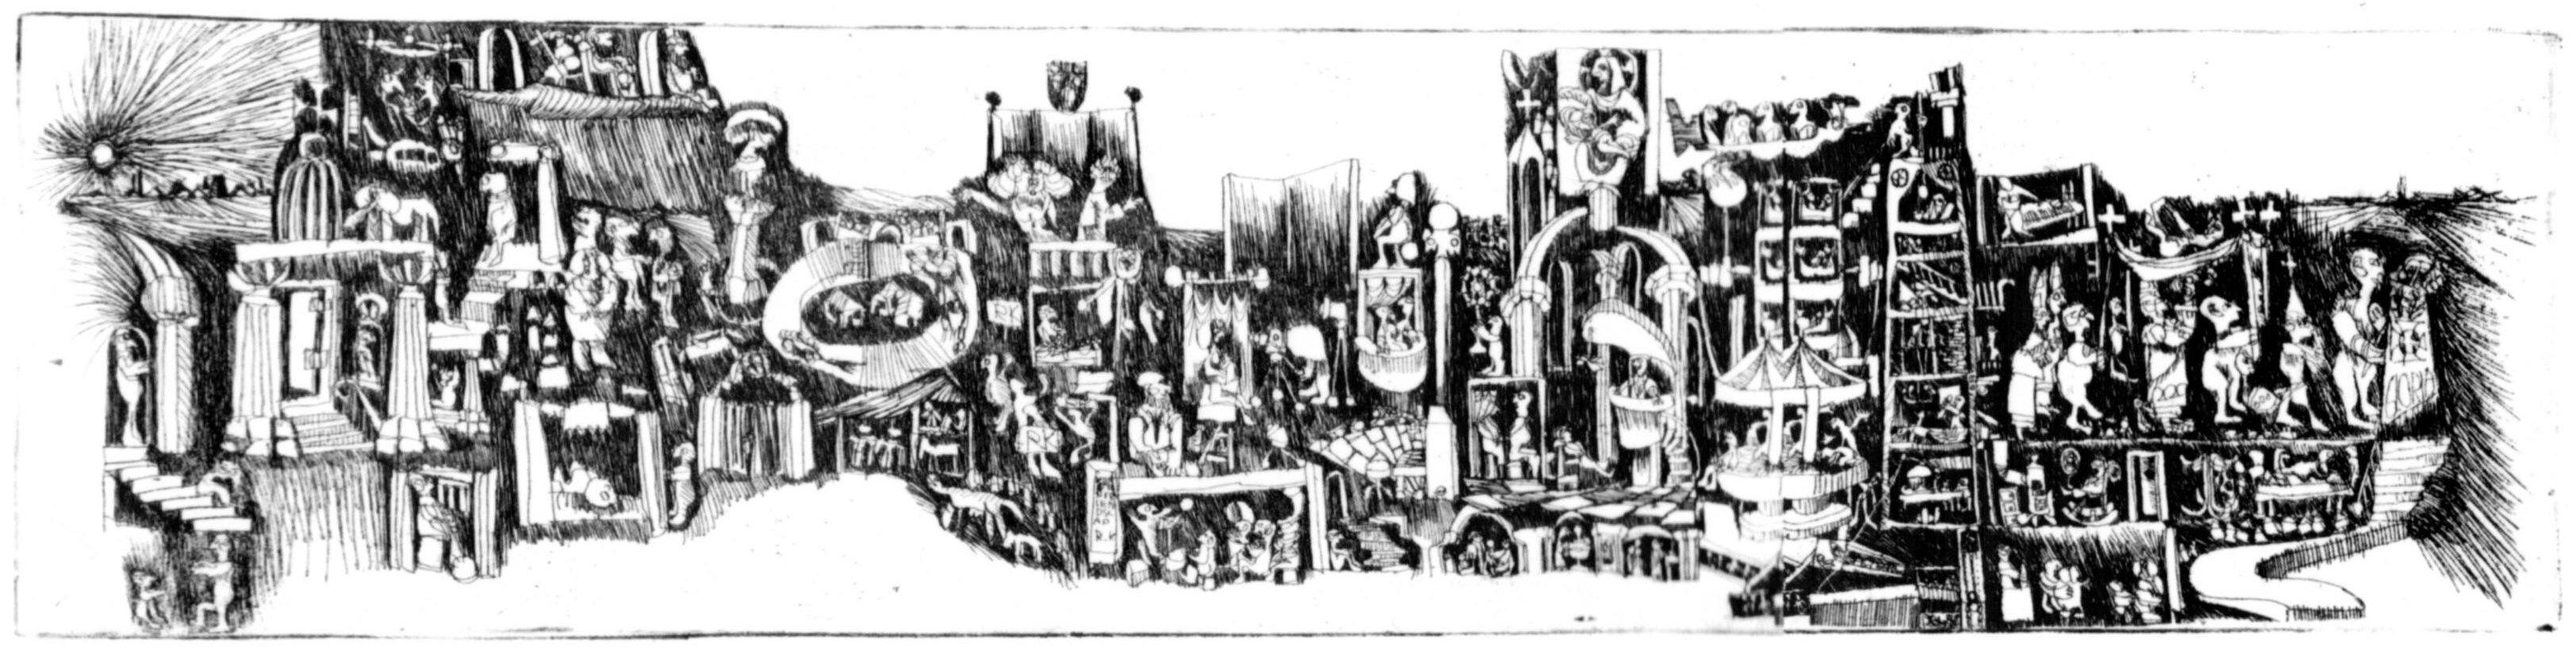 Lijnets van Dorus van der Linden, 1964 - prive-archief Dorus van der Linden